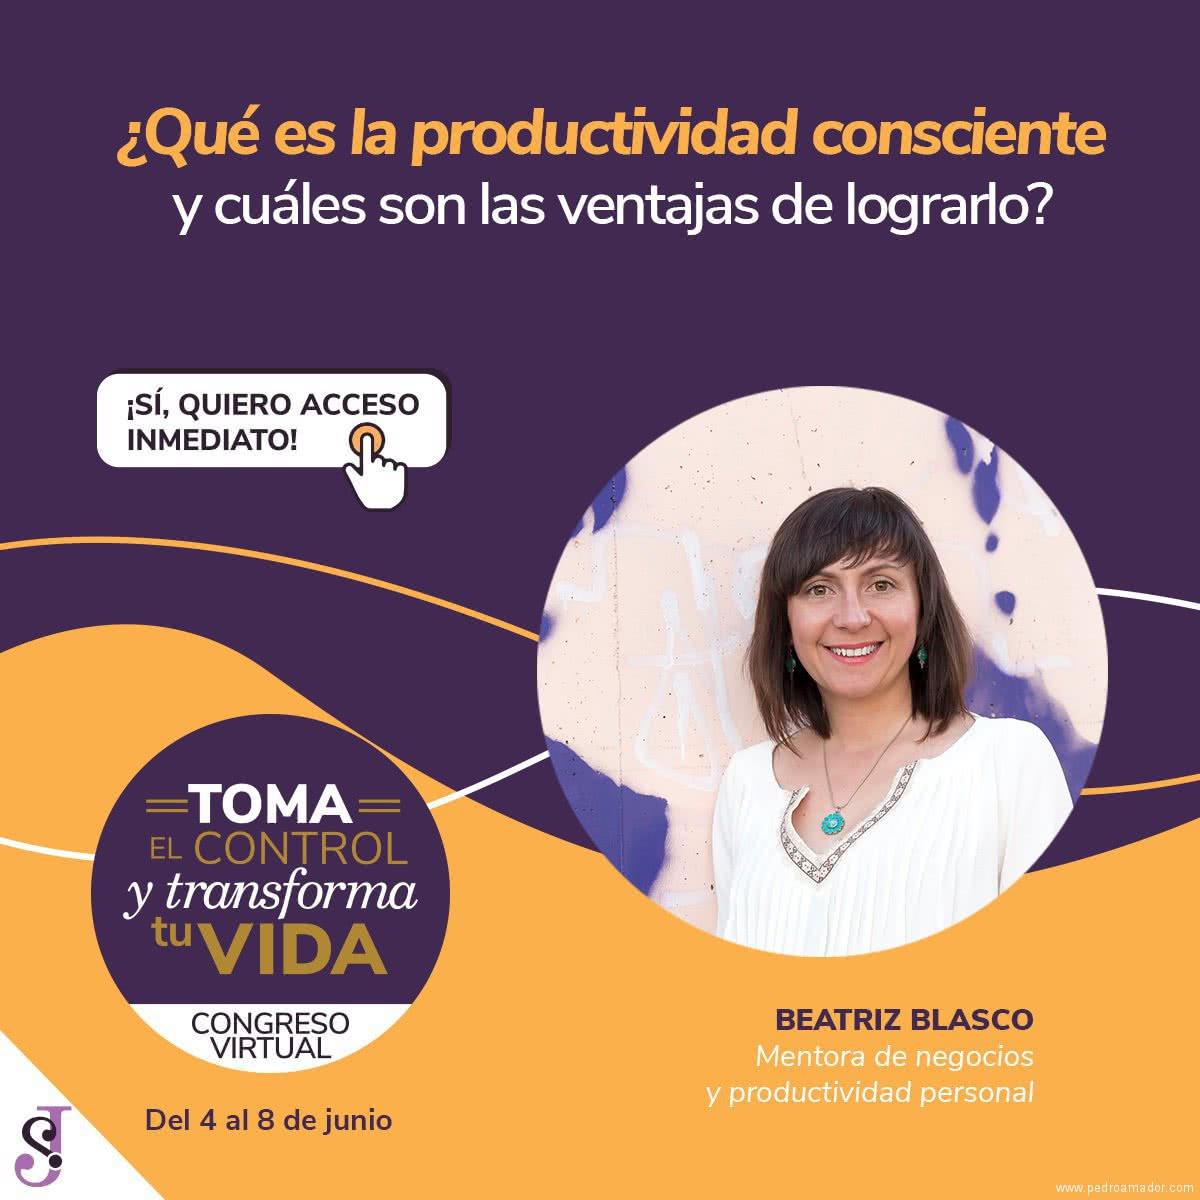 Transforma tu vida - Beatriz Blasco